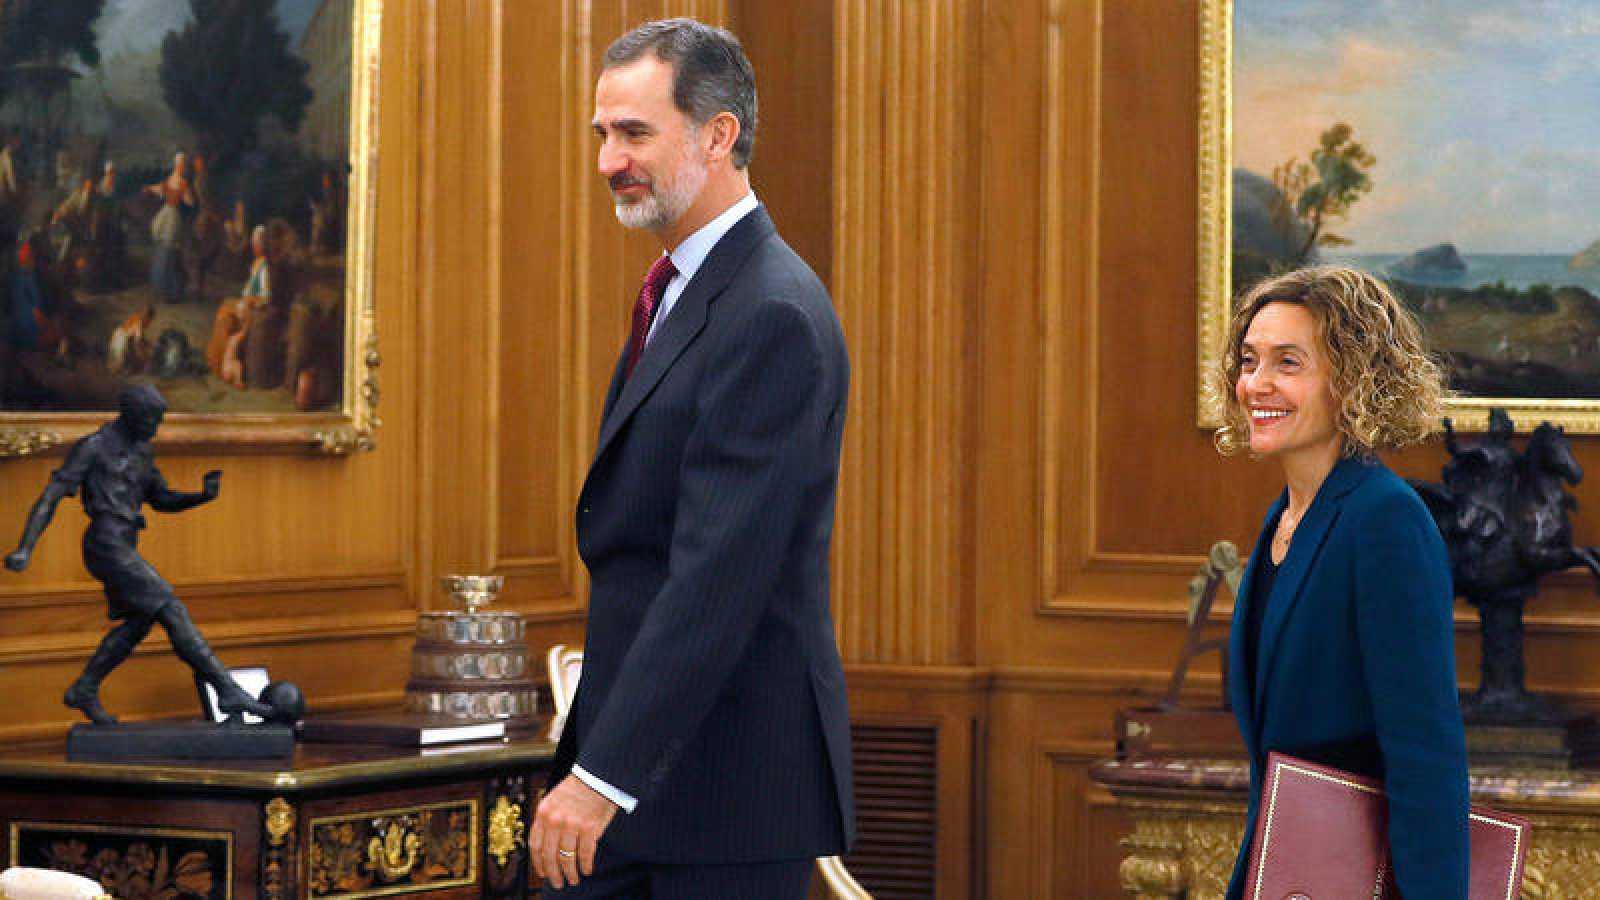 El rey Felipe VI y la presidenta del Congreso, MeritxellBatet, en el palacio de La Zarzuela